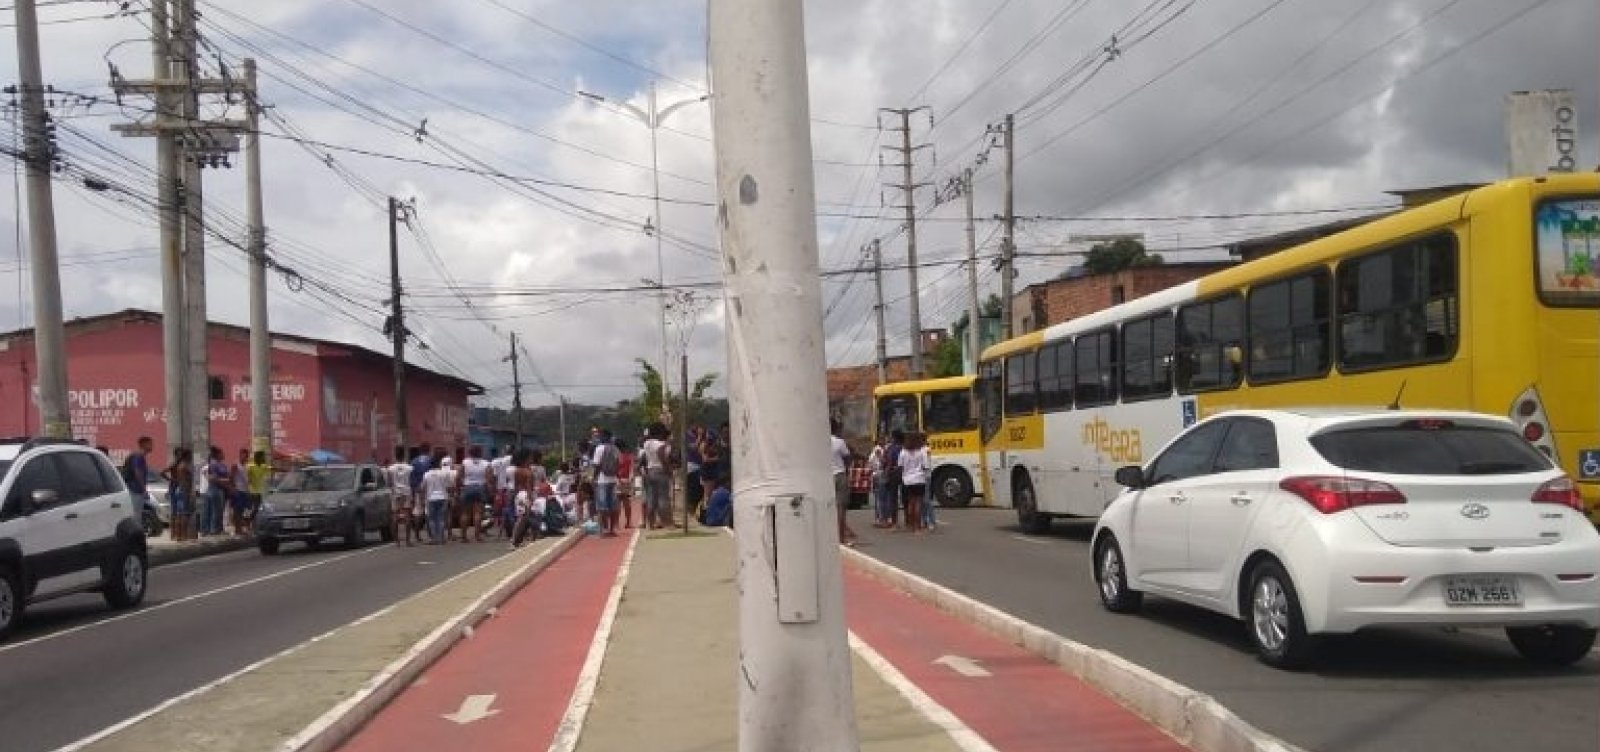 [Manifestantes protestam, em Salvador, contra fechamento de escolas estaduais]